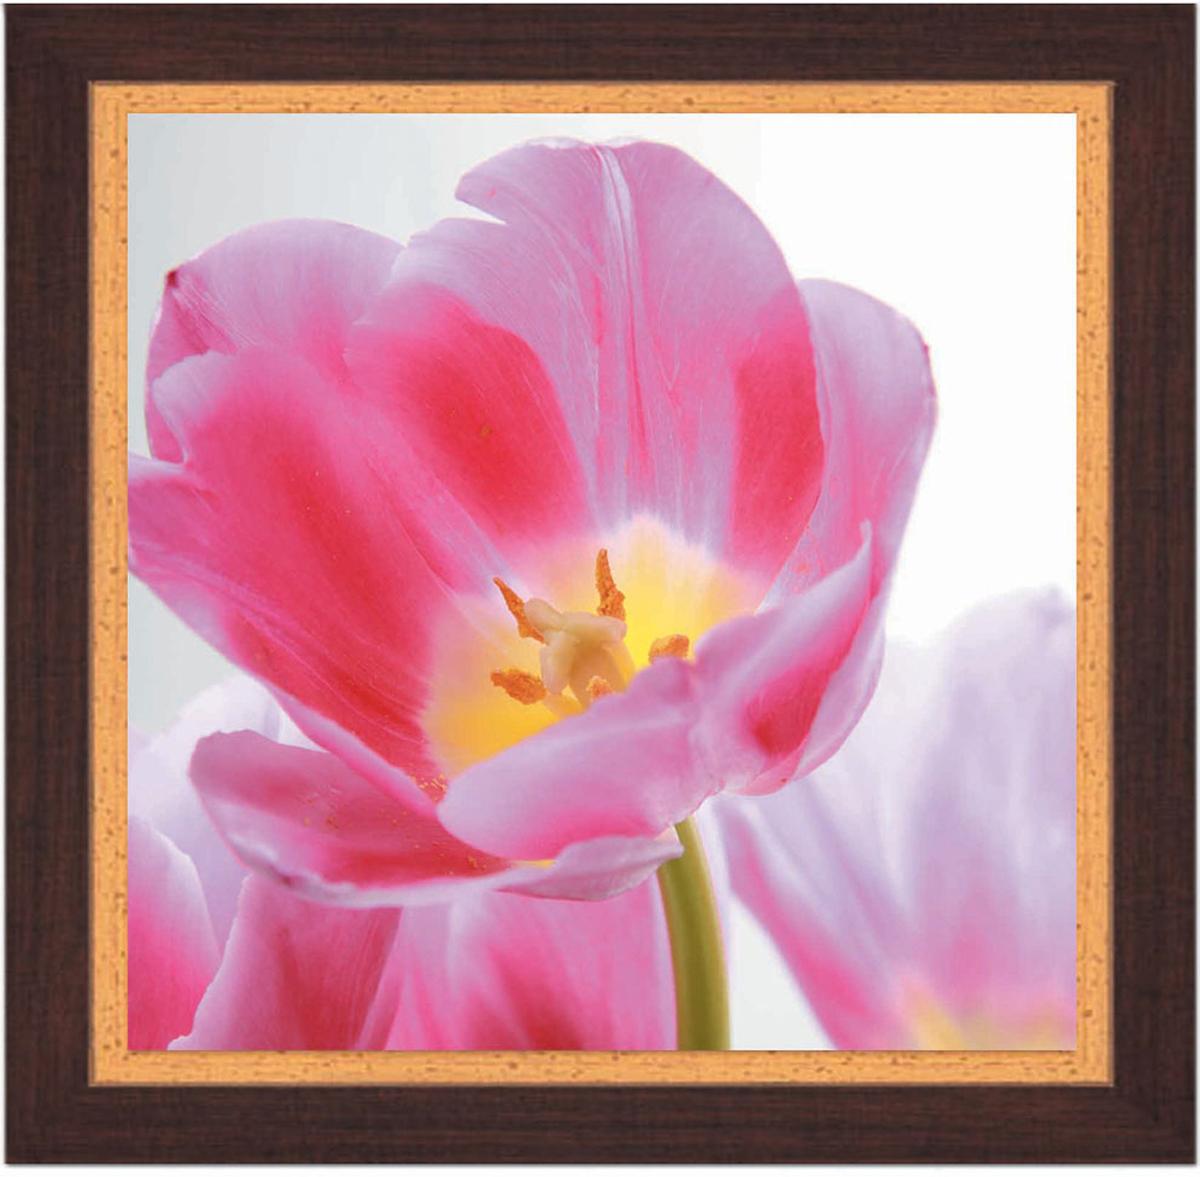 Постер в раме Postermarket Тюльпан, 30 см х 30 смPM-3005Картина для интерьера (постер) - современное и актуальное направление в дизайне любых помещений.Постер с красочным изображением розового тюльпана оформлен в раму коричневого цвета, выполненную из пластика под дерево. Картина защищена прозрачным пластиком. С задней стороны имеется петелька для подвешивания к стене. Картина может использоваться для оформления любых интерьеров: - дом, квартира (гостиная, спальня, кухня, прихожая, детская); - офис (комната переговоров, холл, кабинет); - бар, кафе, ресторан или гостиница.Картины, предоставляемые компанией Постермаркет:- собраны вручную из лучших импортных комплектующих; - надежно упакованы в пленку с противоударными уголками.